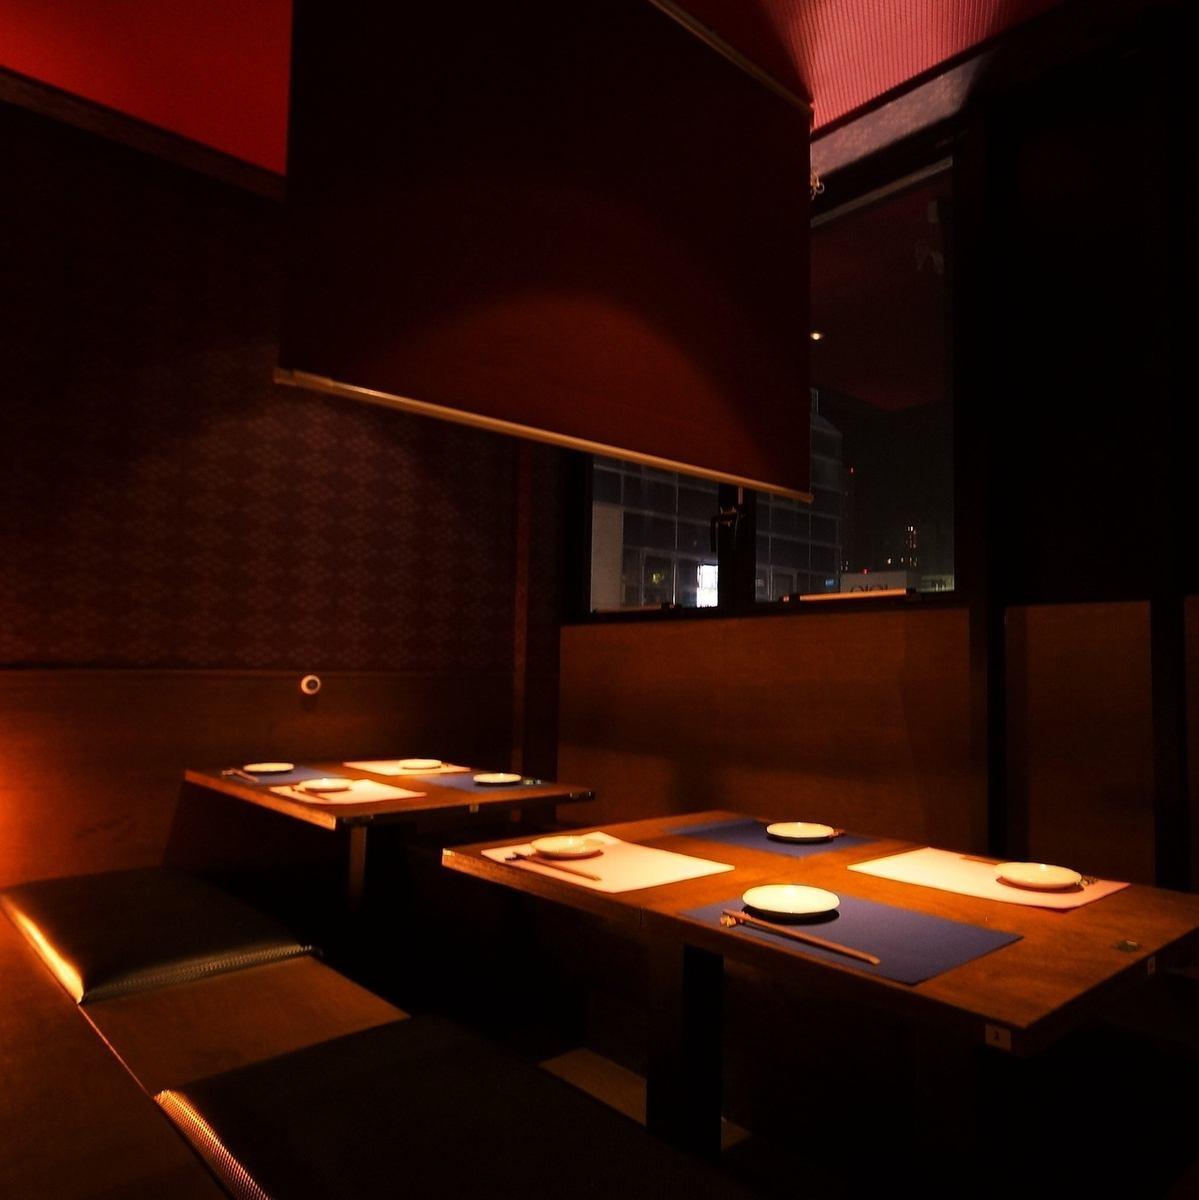 산 노미야 · 개인 실 공간에서 먹고 마시 2780 엔 ~ !! 먹고 마시고 마음껏 주점 이니 싼 & 맛있는 ♪